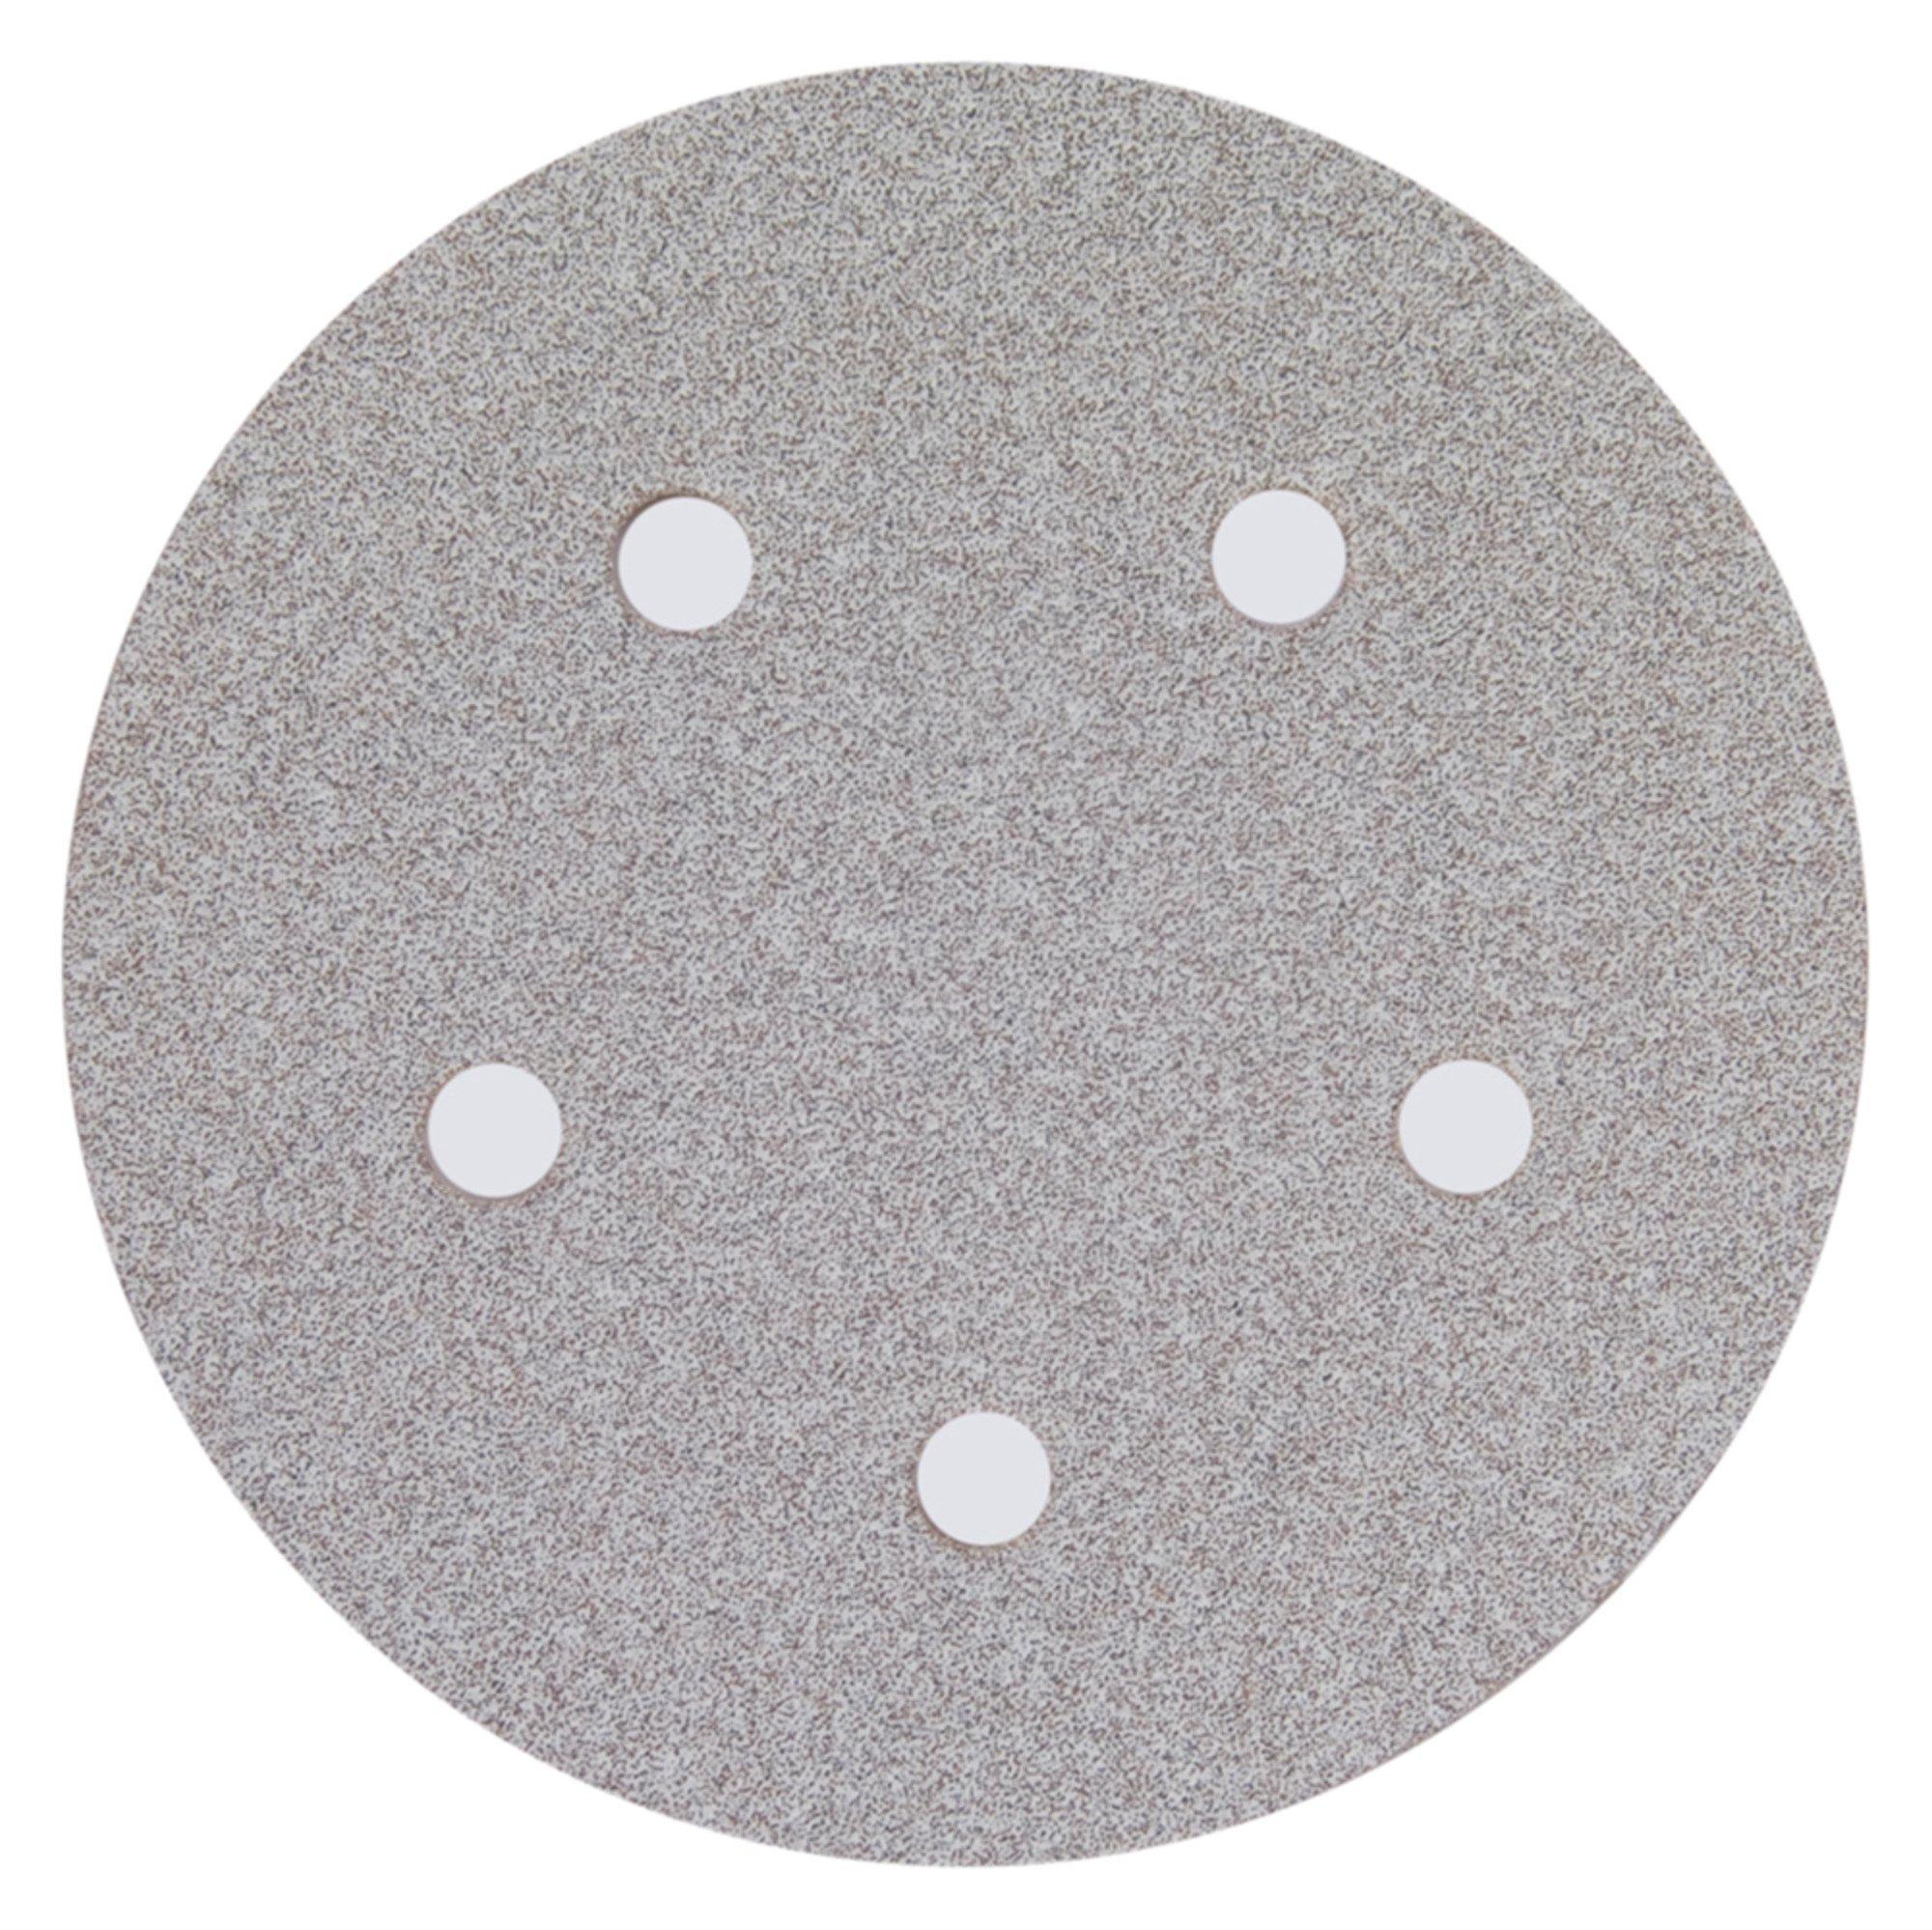 Abrasive Disc 5 Inch P120B A275 Vac D3328 100/Pack